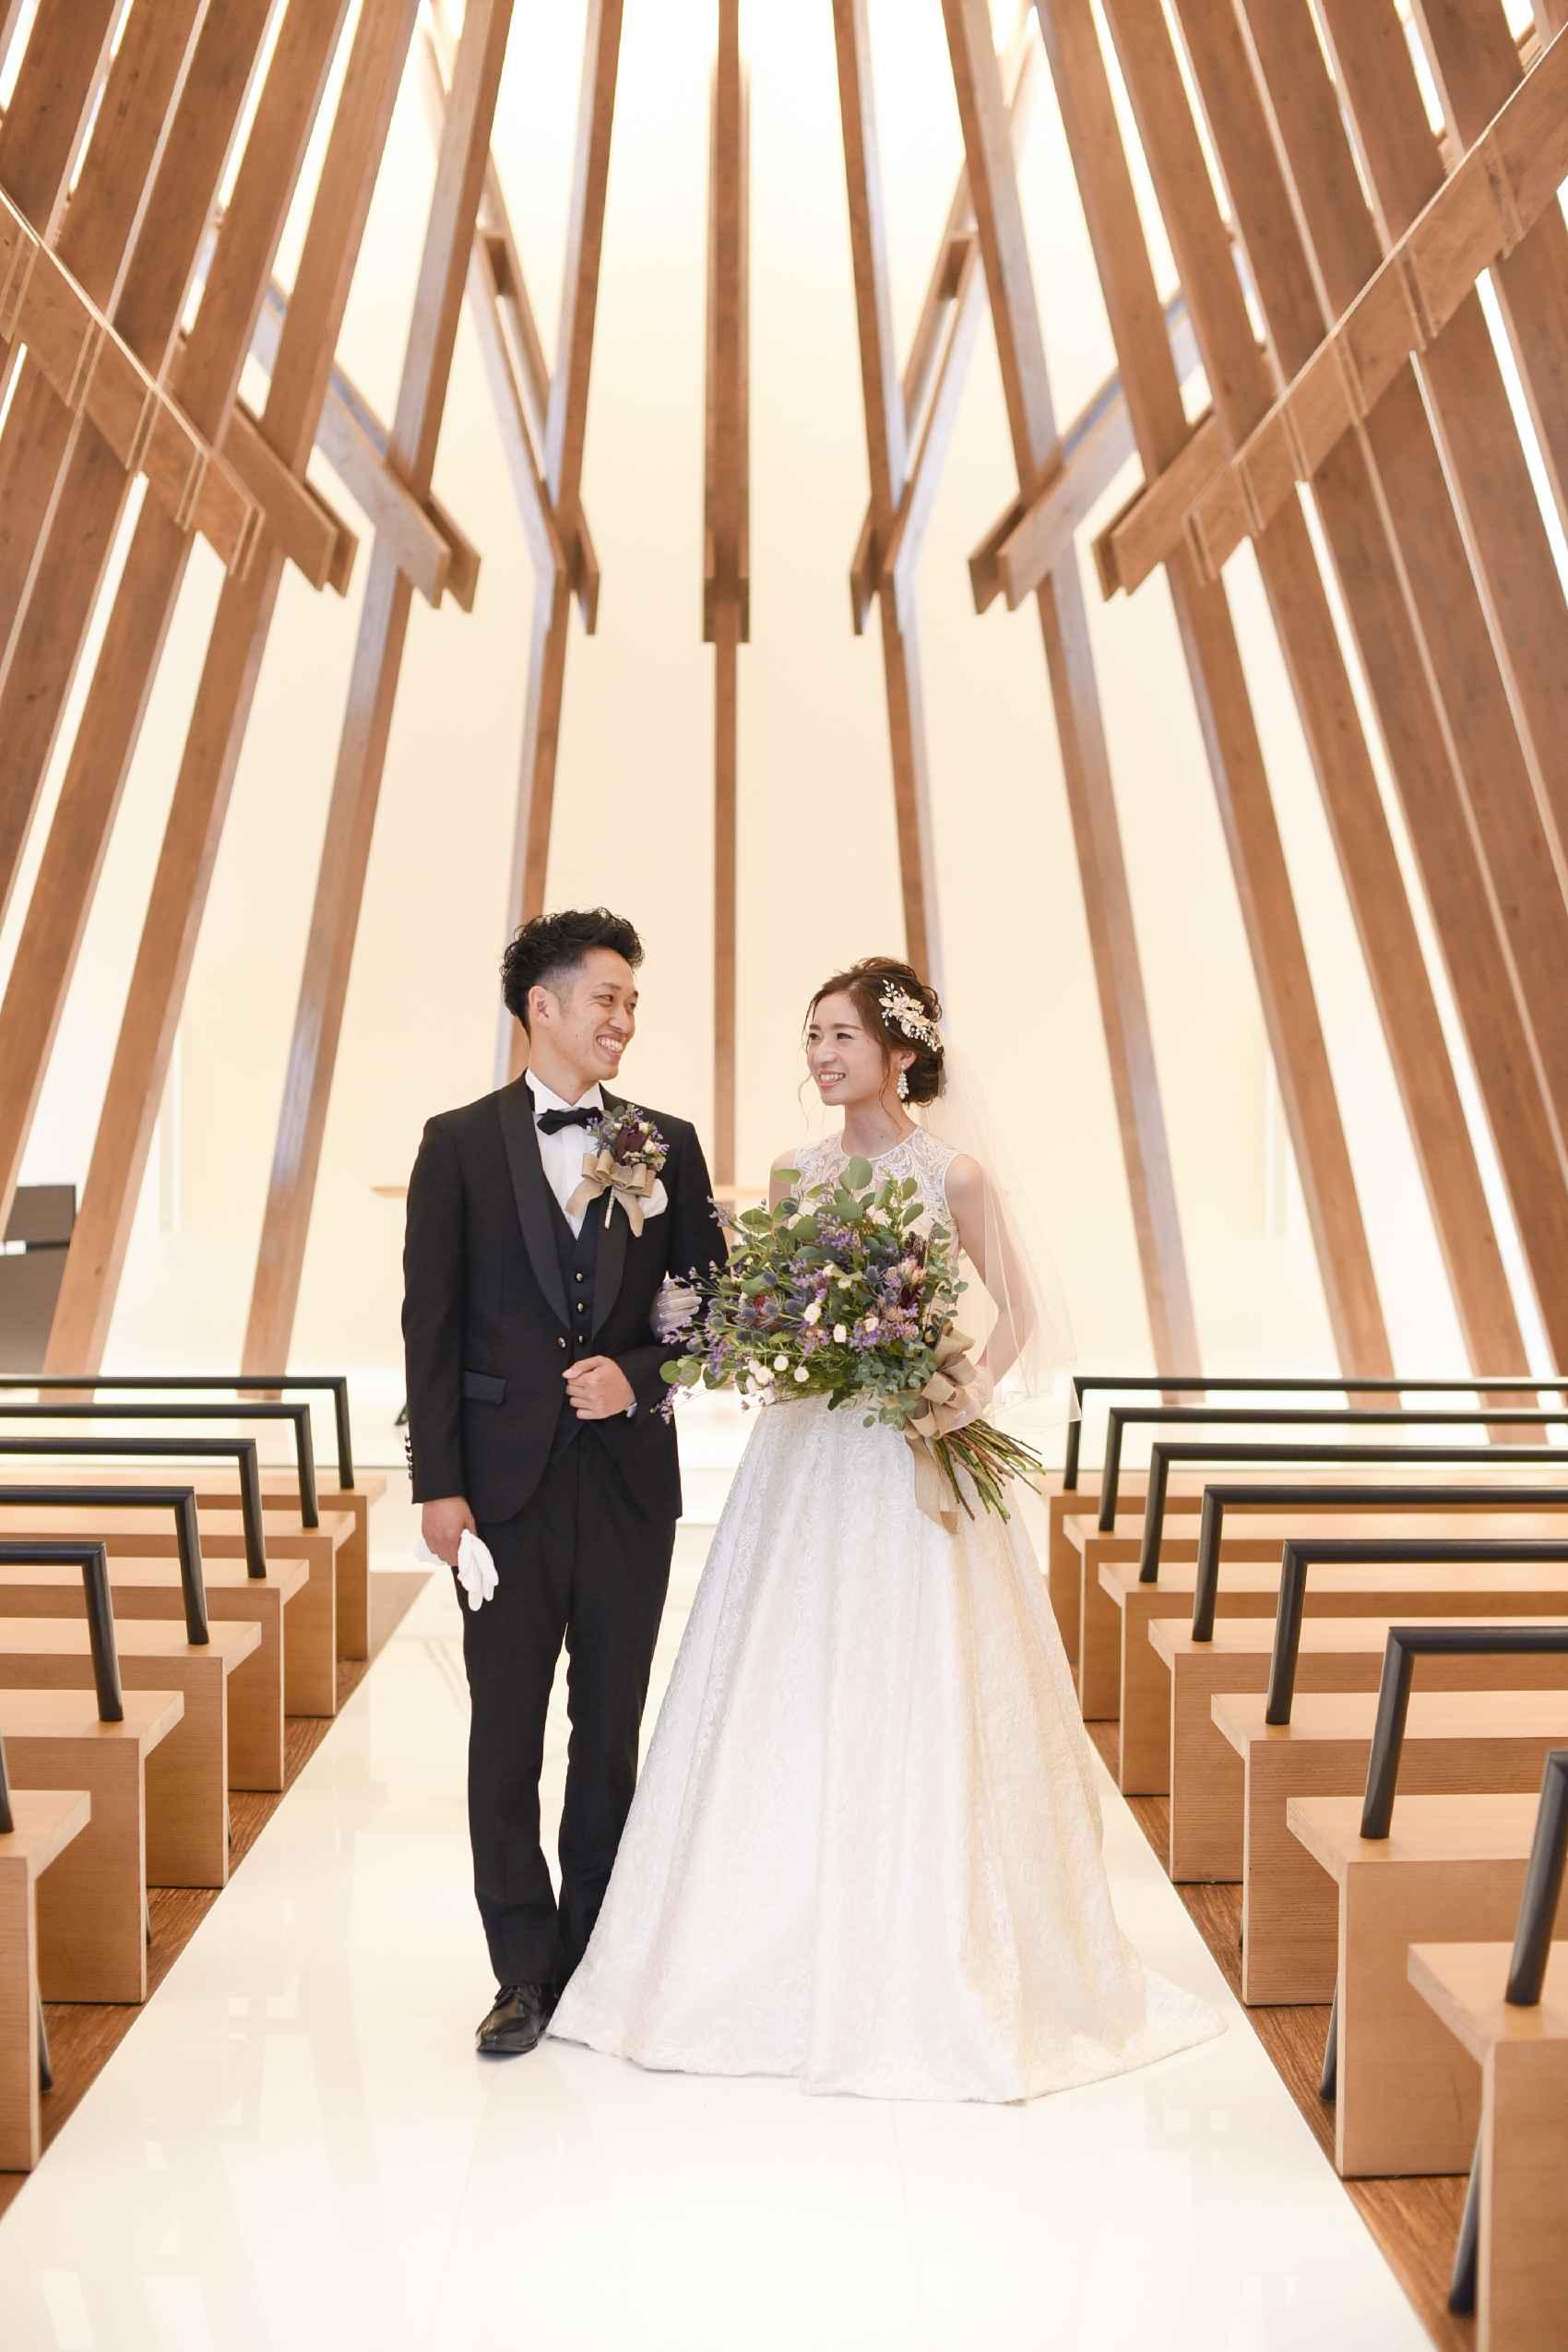 香川県高松市の結婚式場アナザースタイルの挙式前に撮影